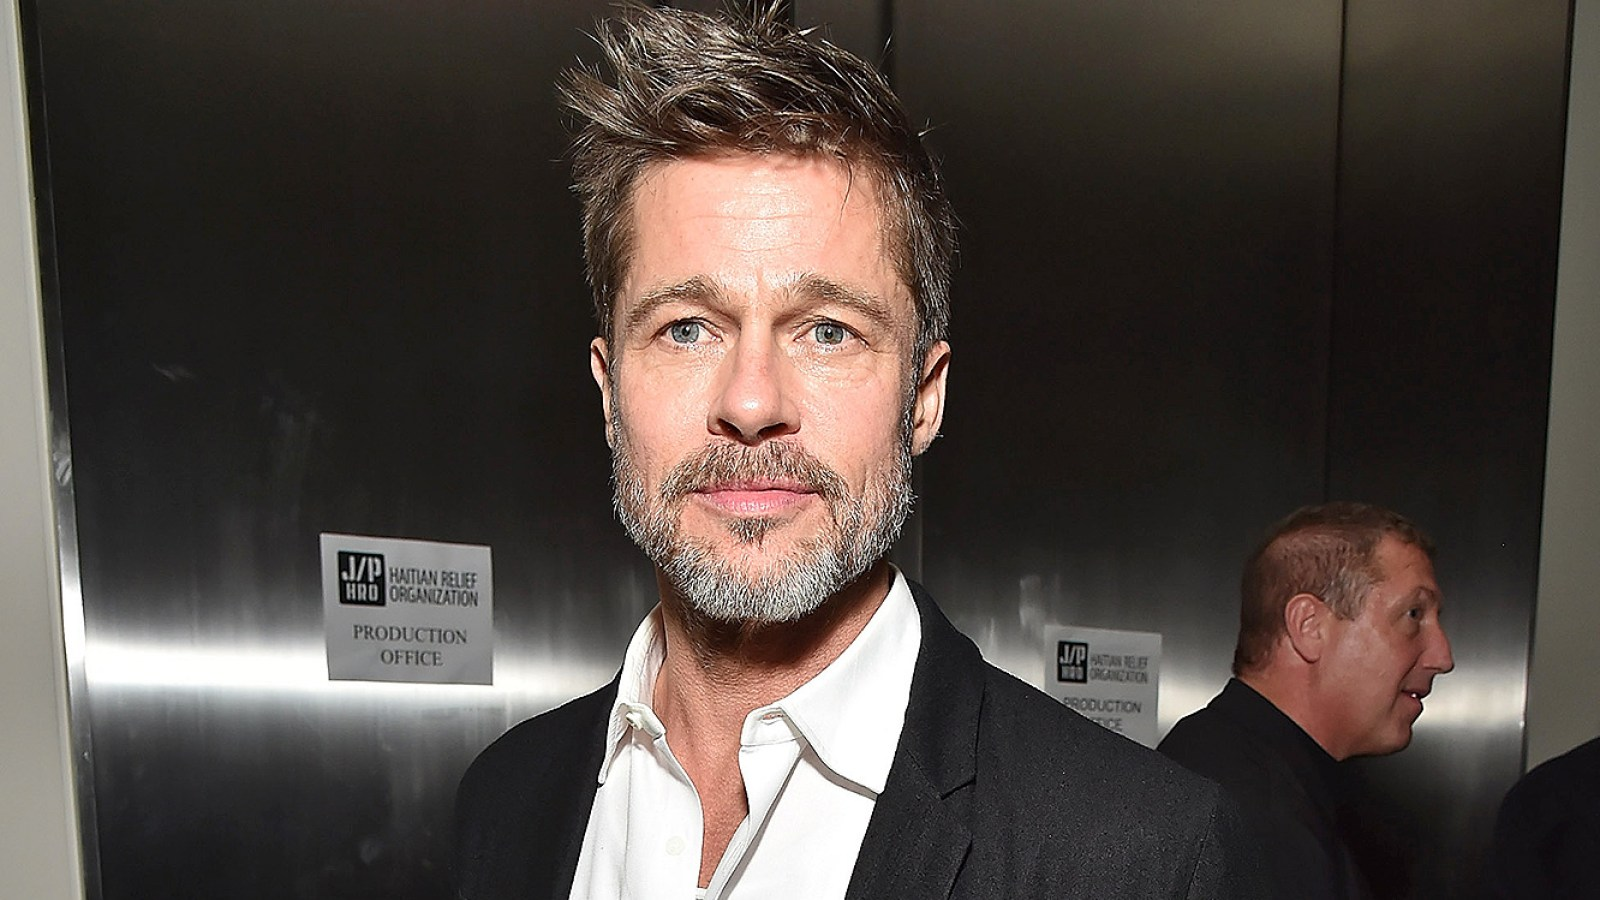 Brad Pitt Emilia Clarke Kit Harington Sean Penn Haiti Rising Gala Crop Resize Ssl